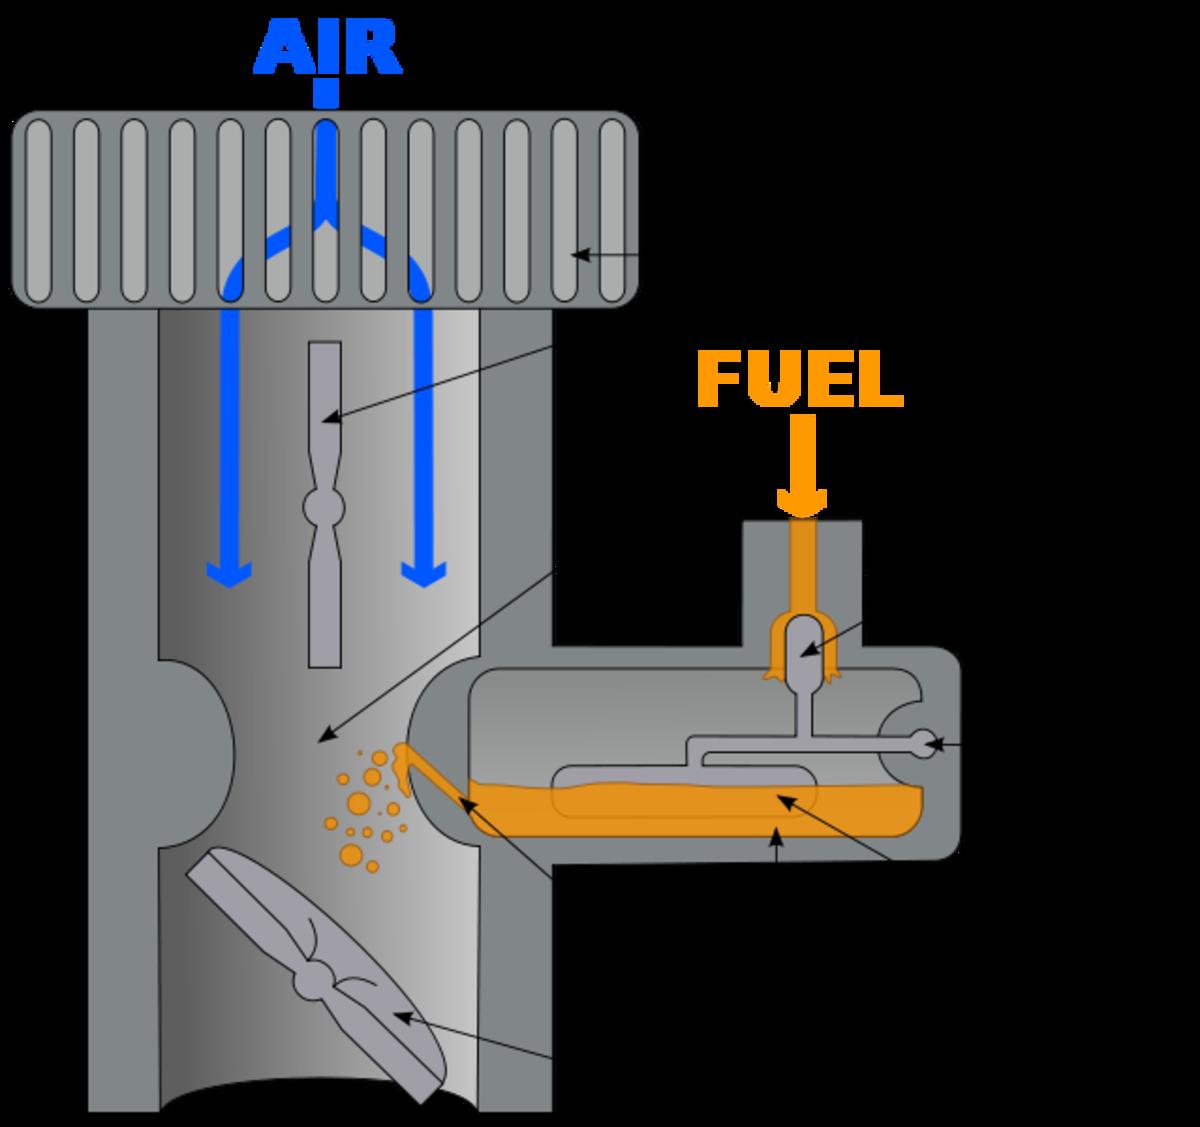 Basic carburetor schematic.